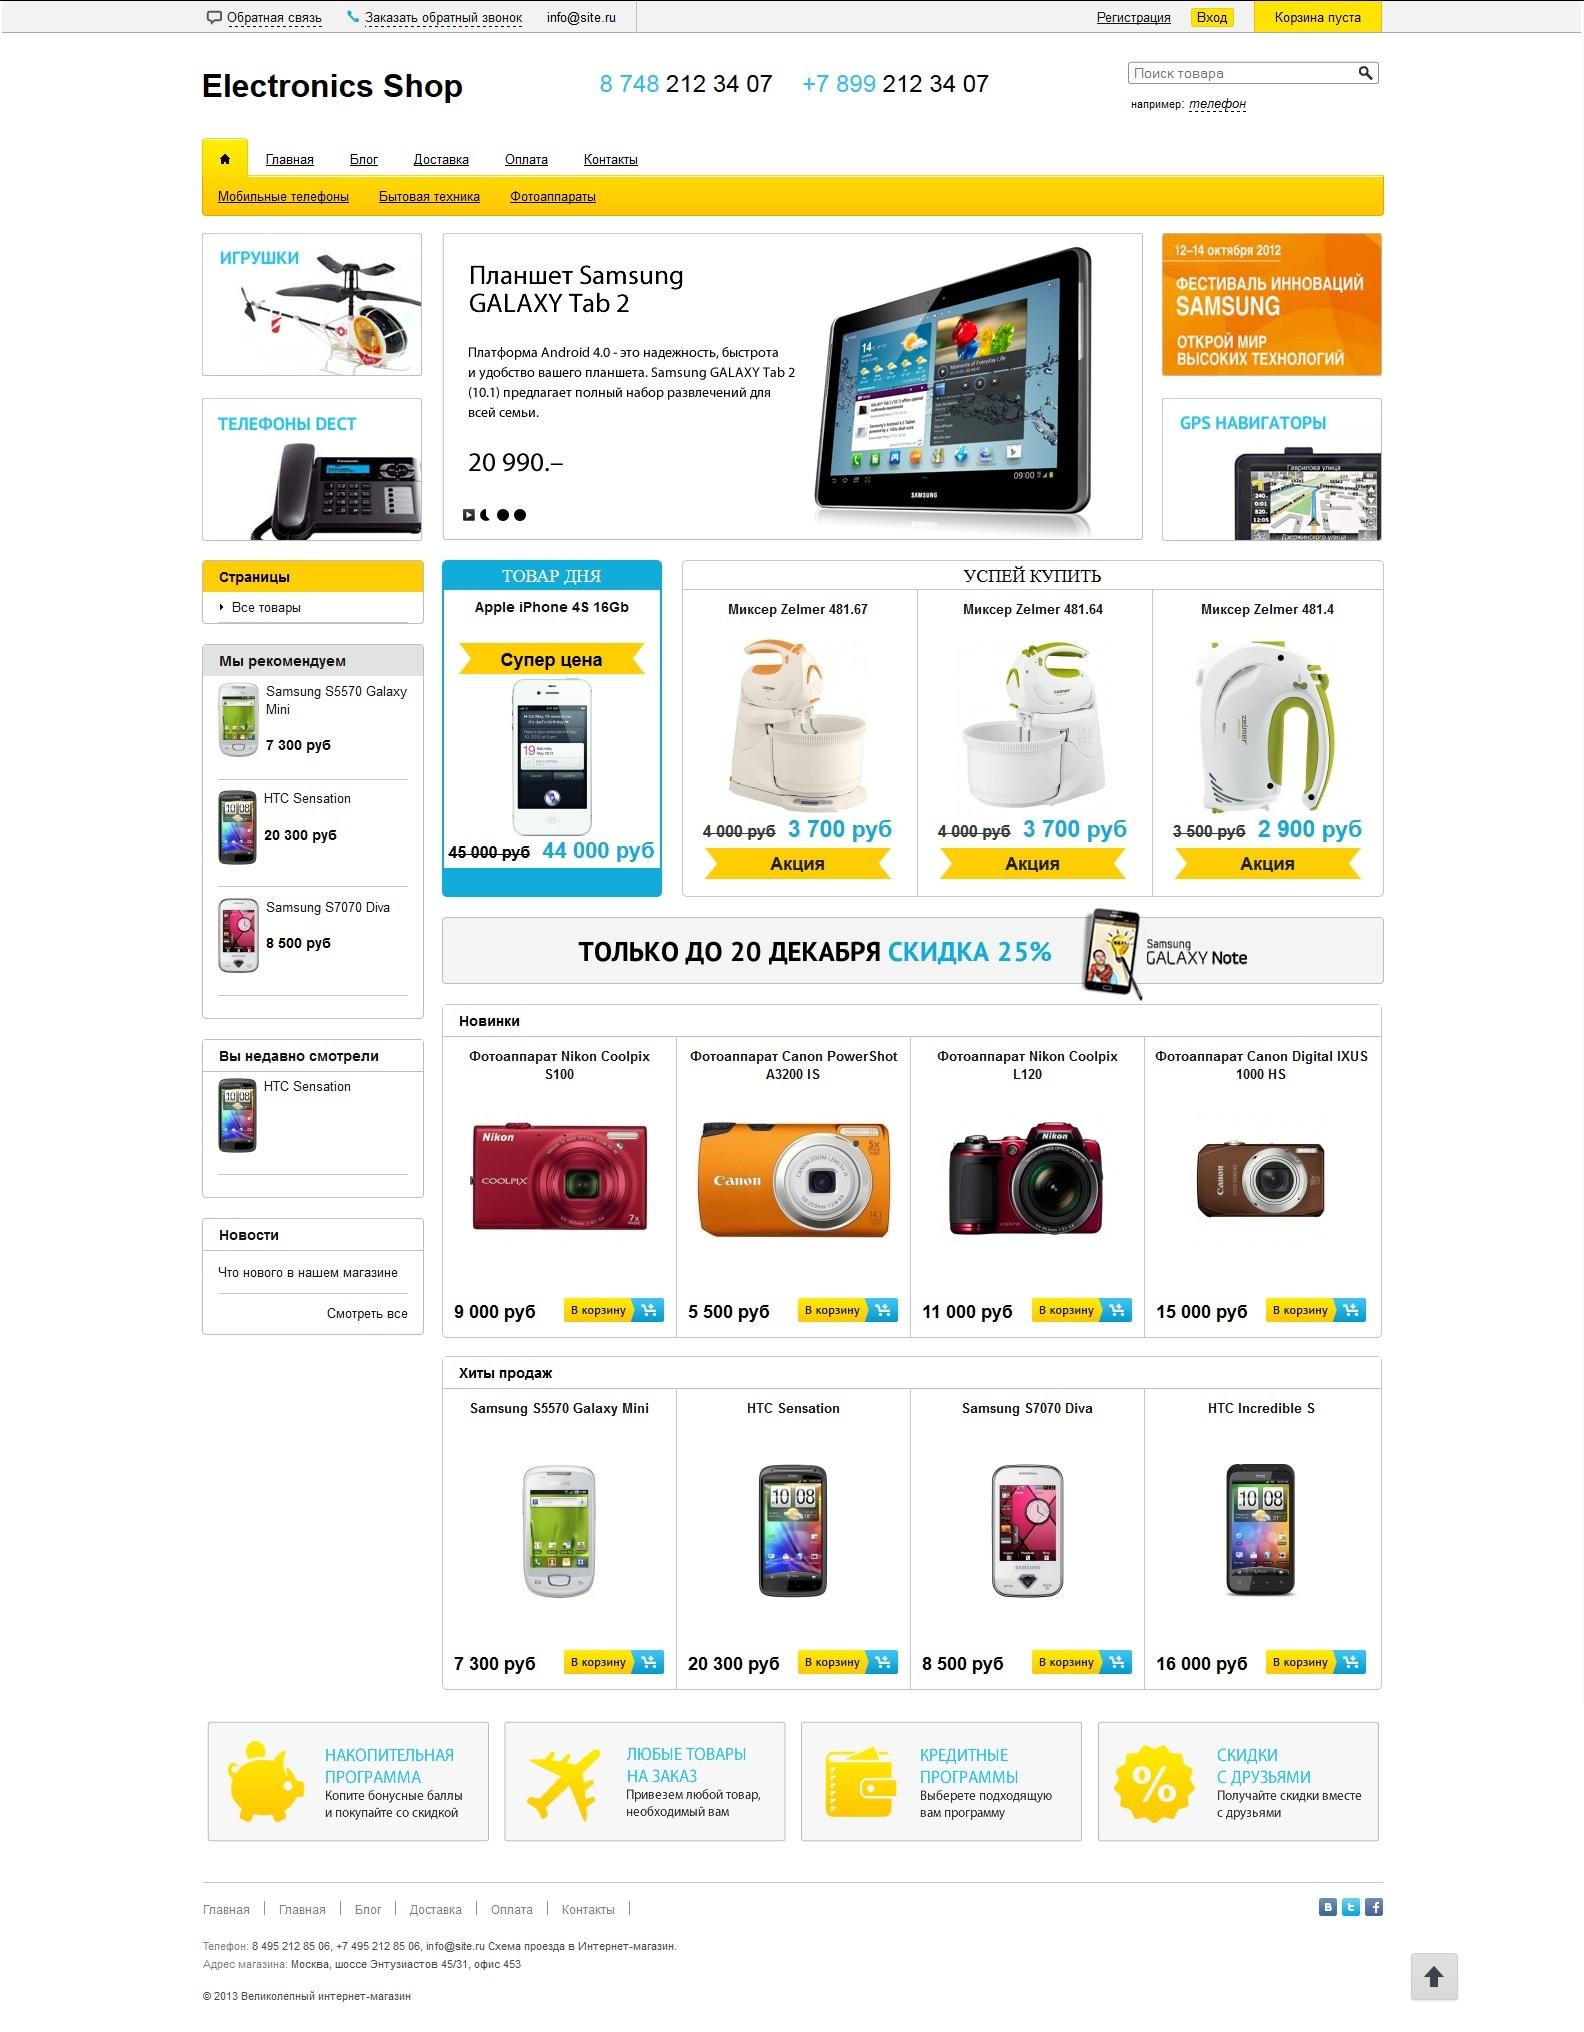 Магазины компьютеров и оргтехники, услуги телефонии и